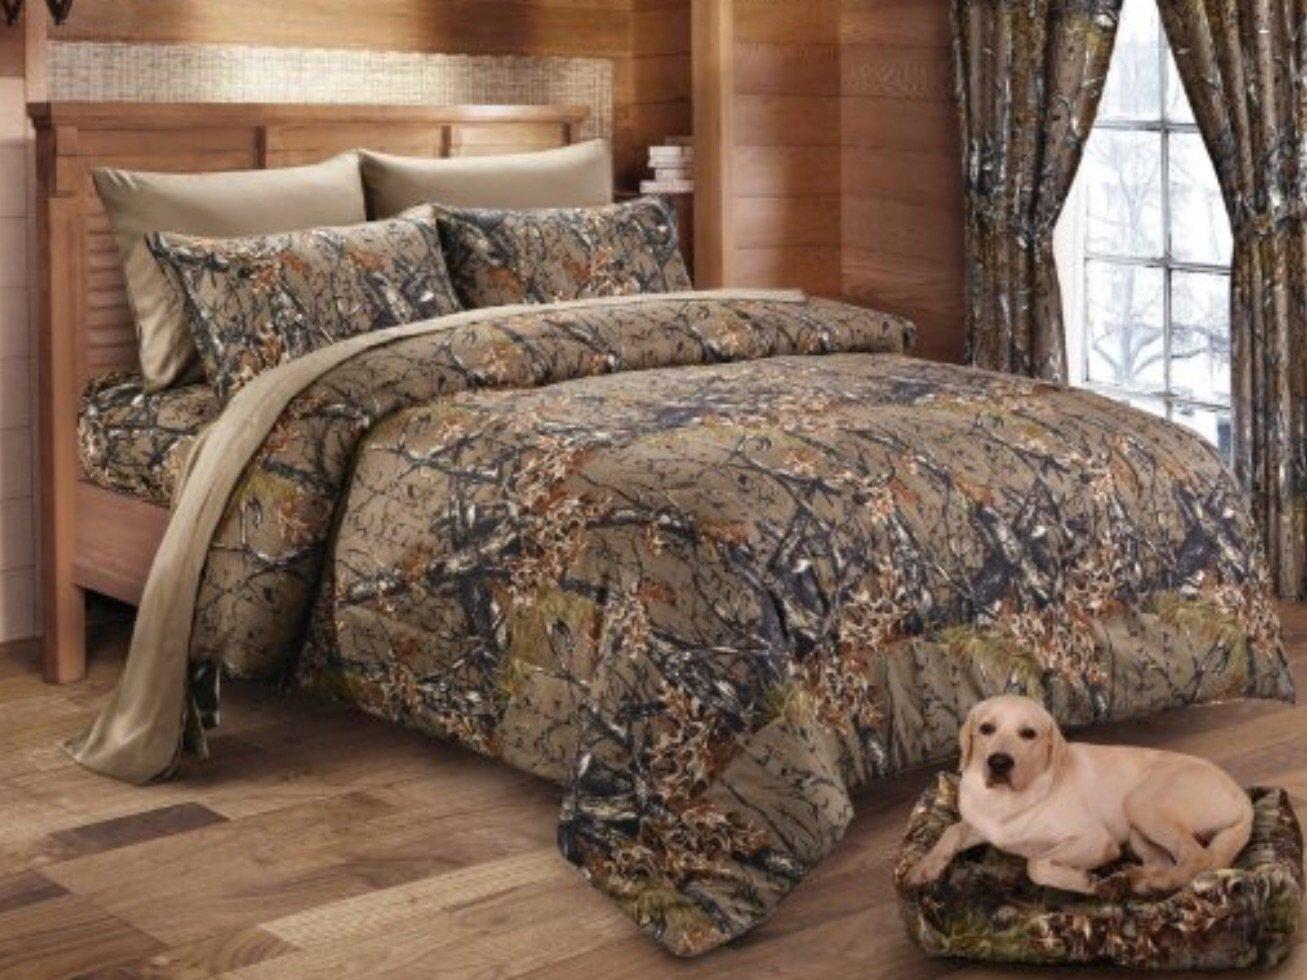 Queen Reversible Woodland Camo 7 Piece Comforter & Sheet Set